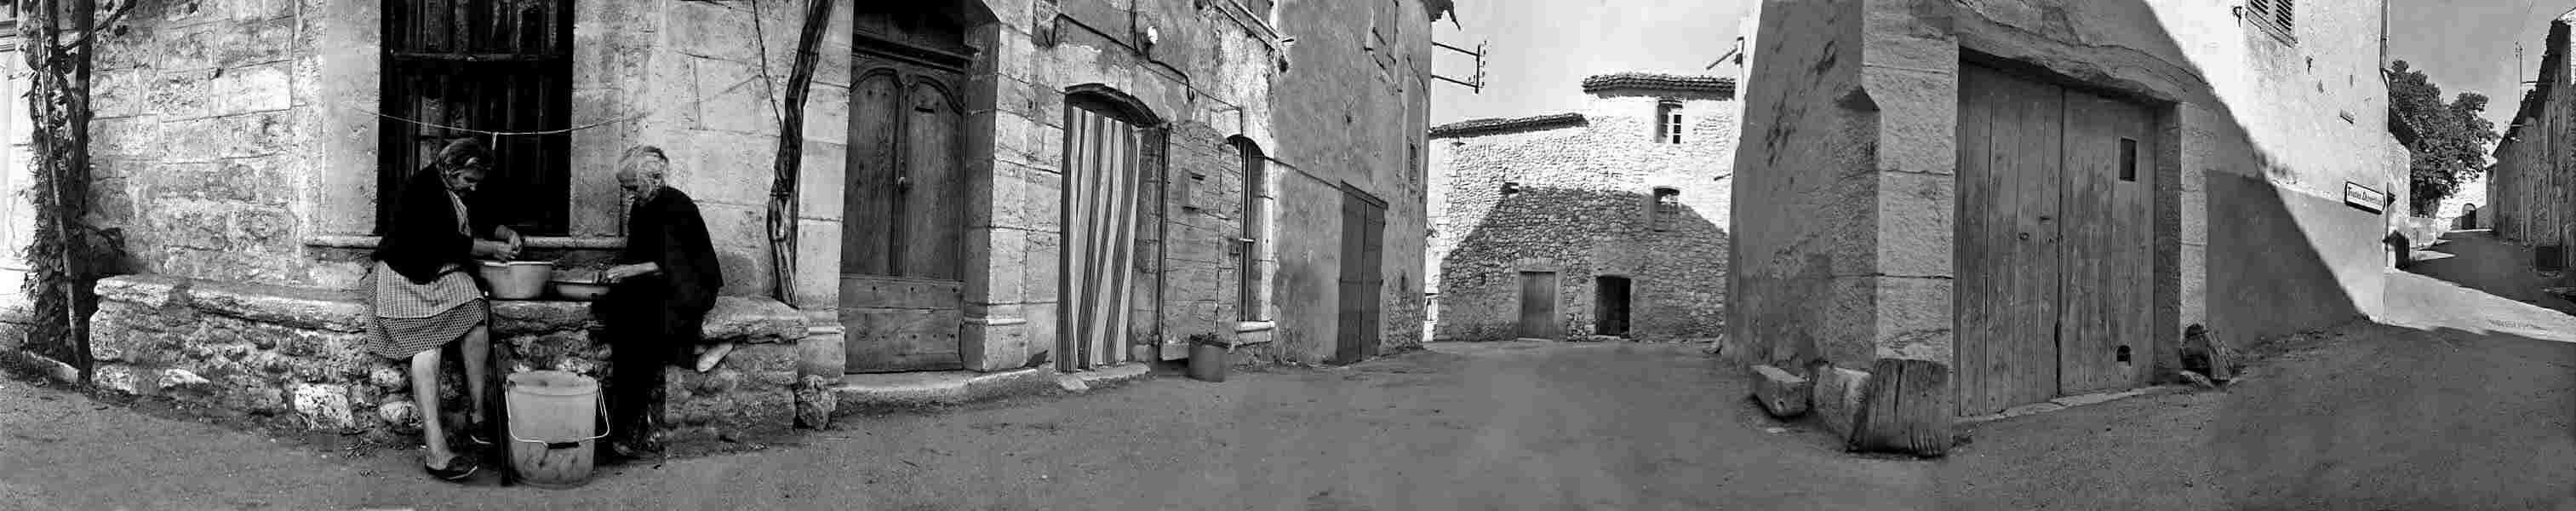 Les Salles, placette du bas du village